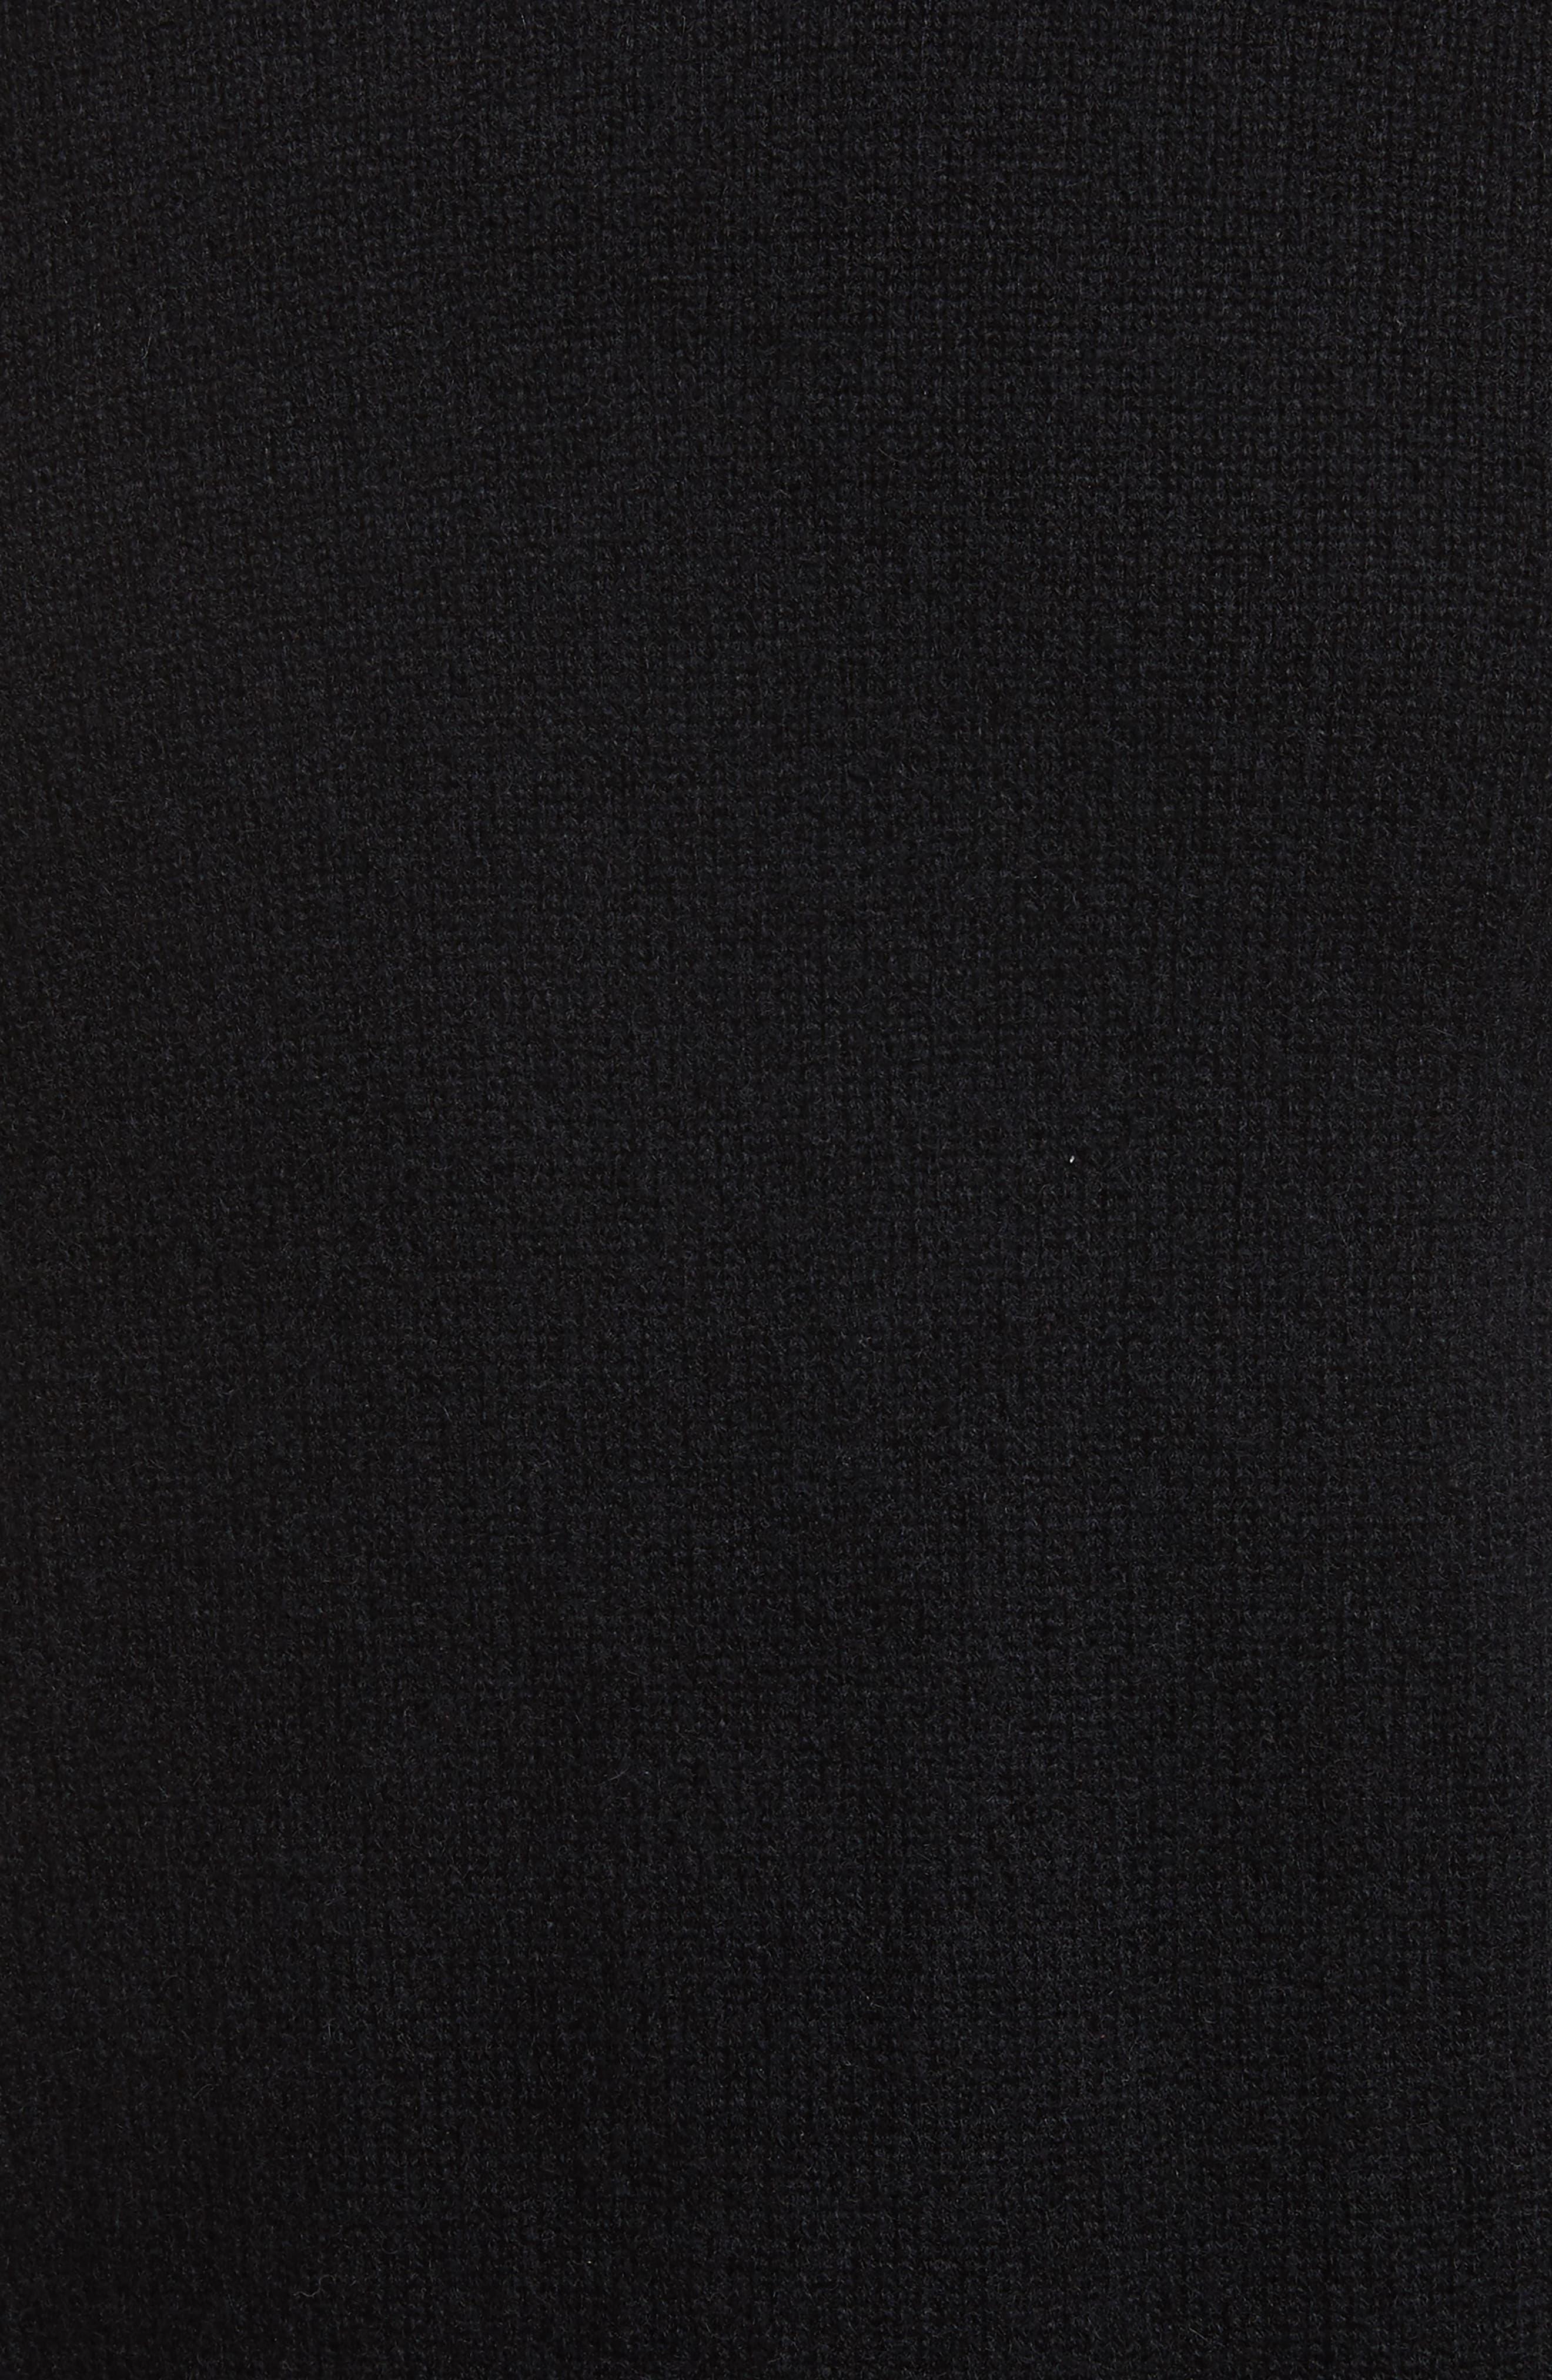 Haldon Cashmere Crewneck Sweatshirt,                             Alternate thumbnail 5, color,                             001